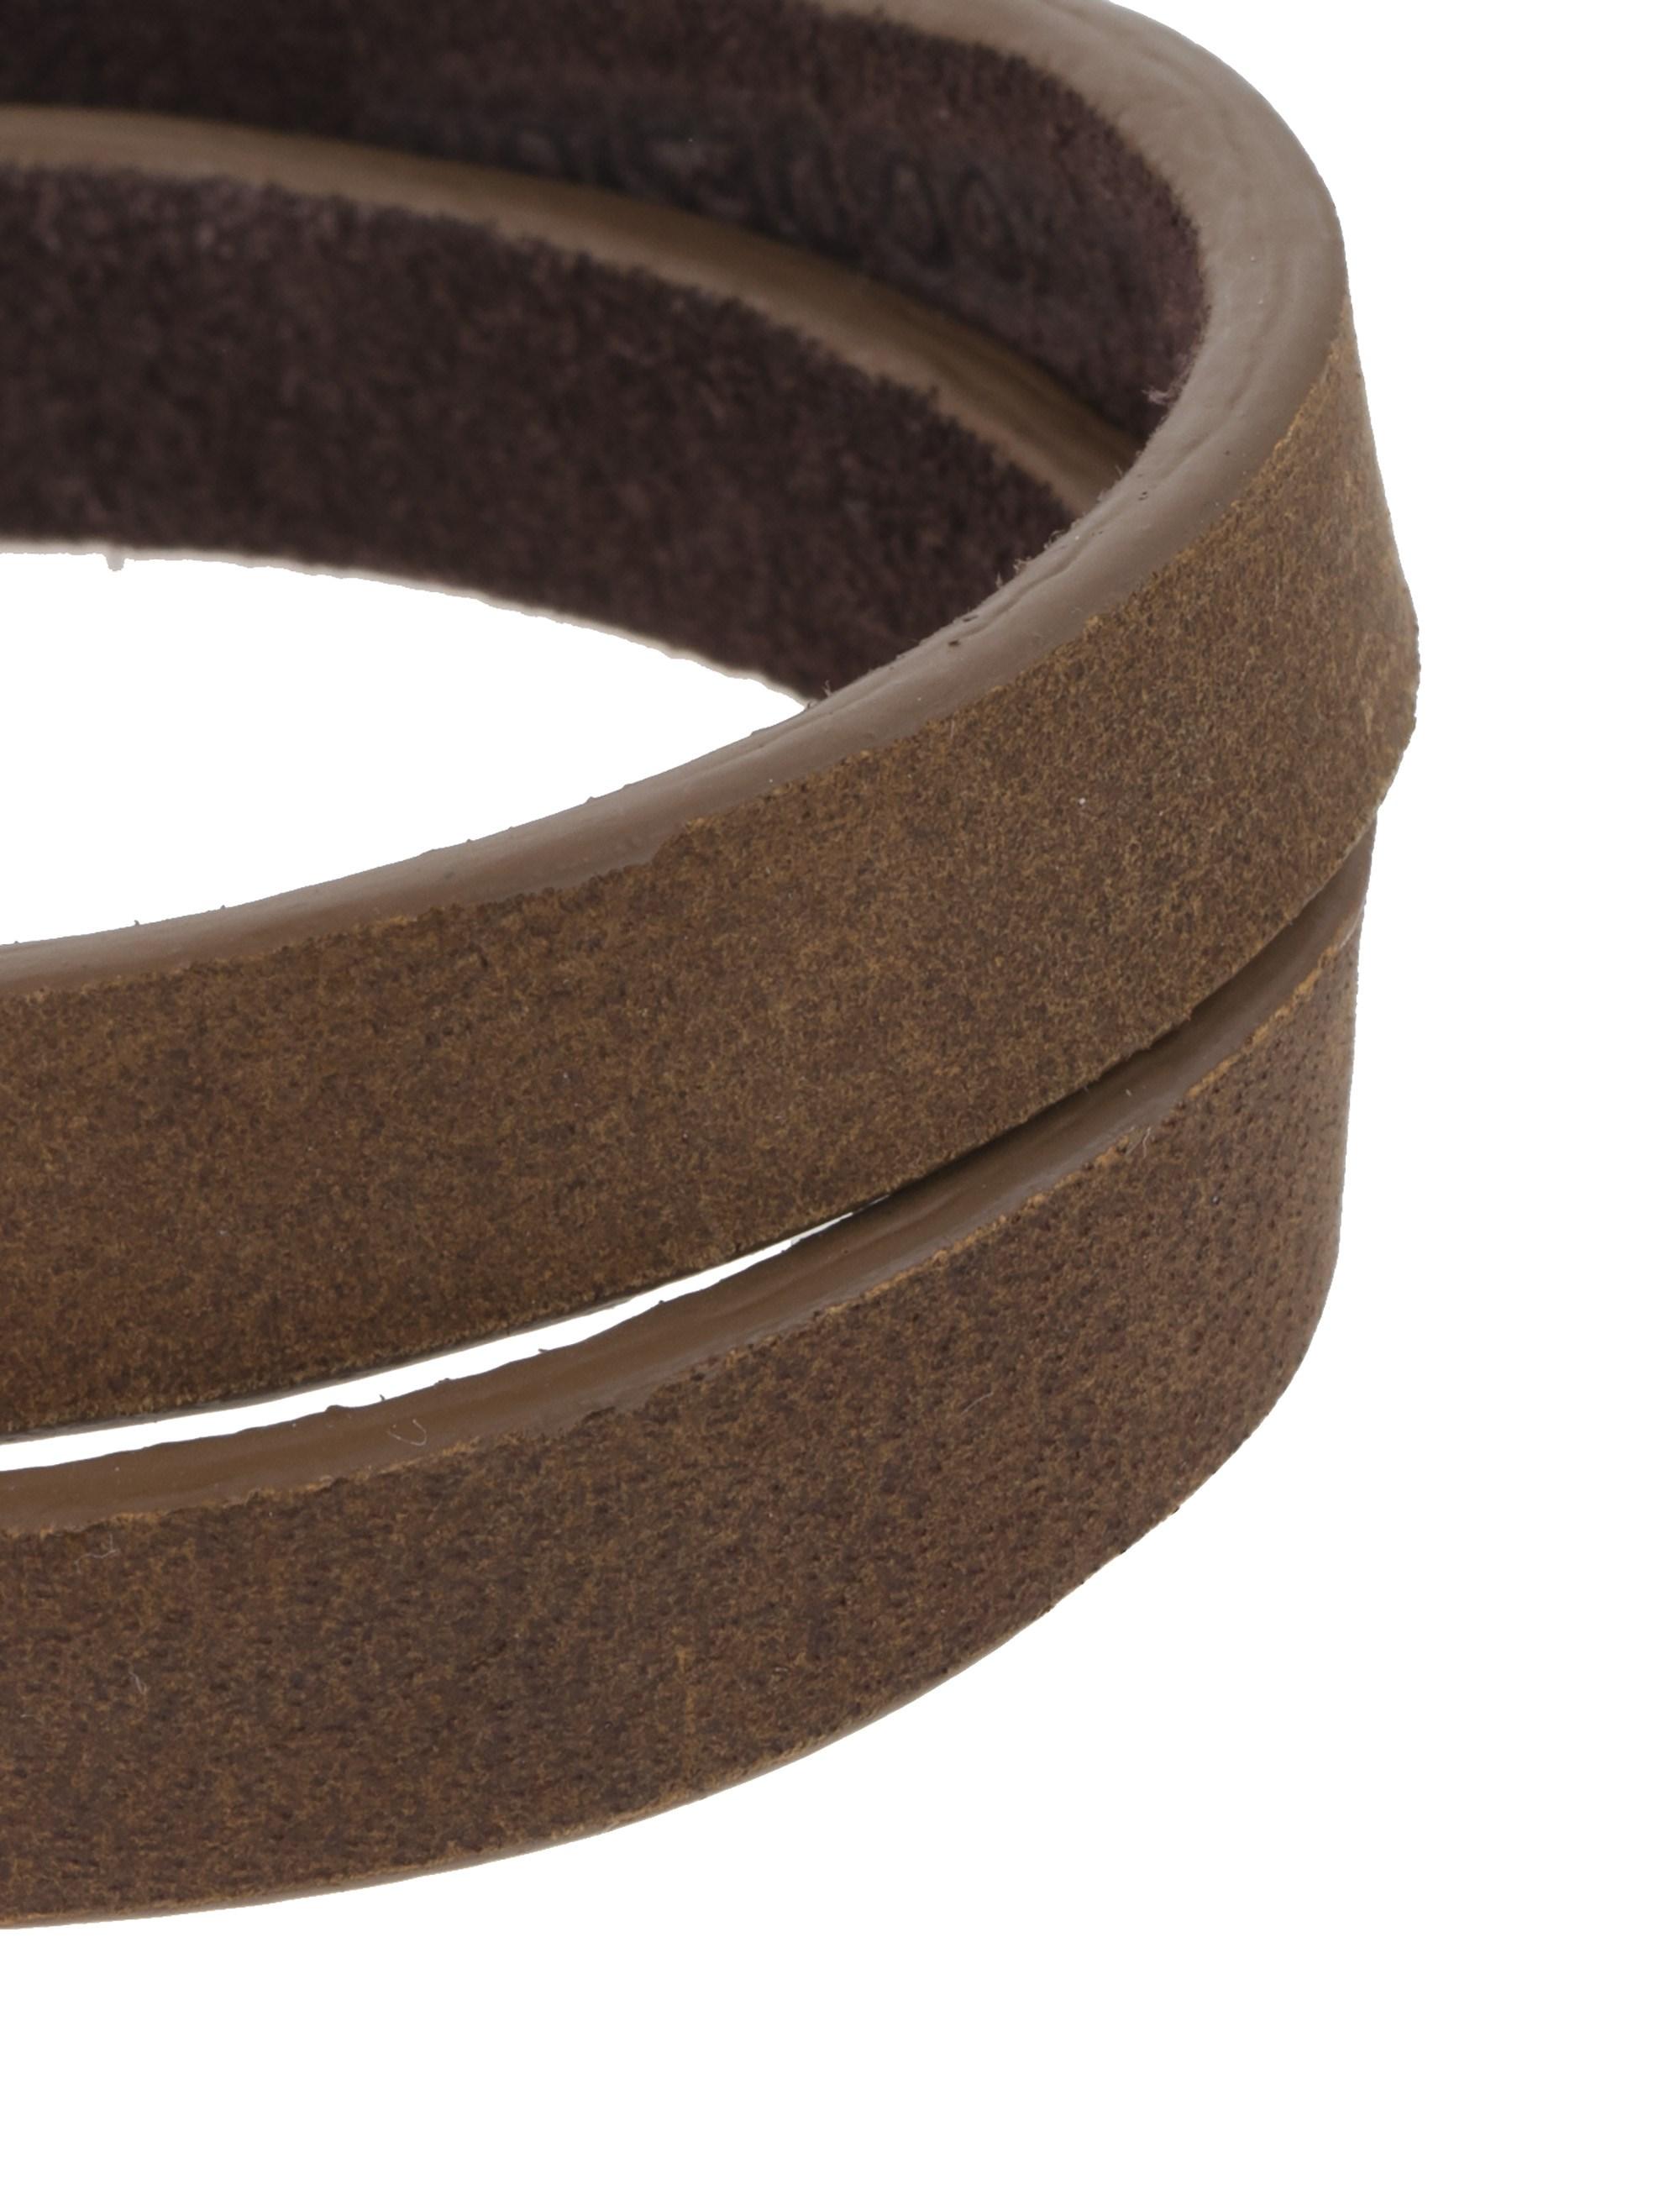 دستبند چرم مردانه - ماکو دیزاین سایز 42 cm - قهوه اي روشن - 3